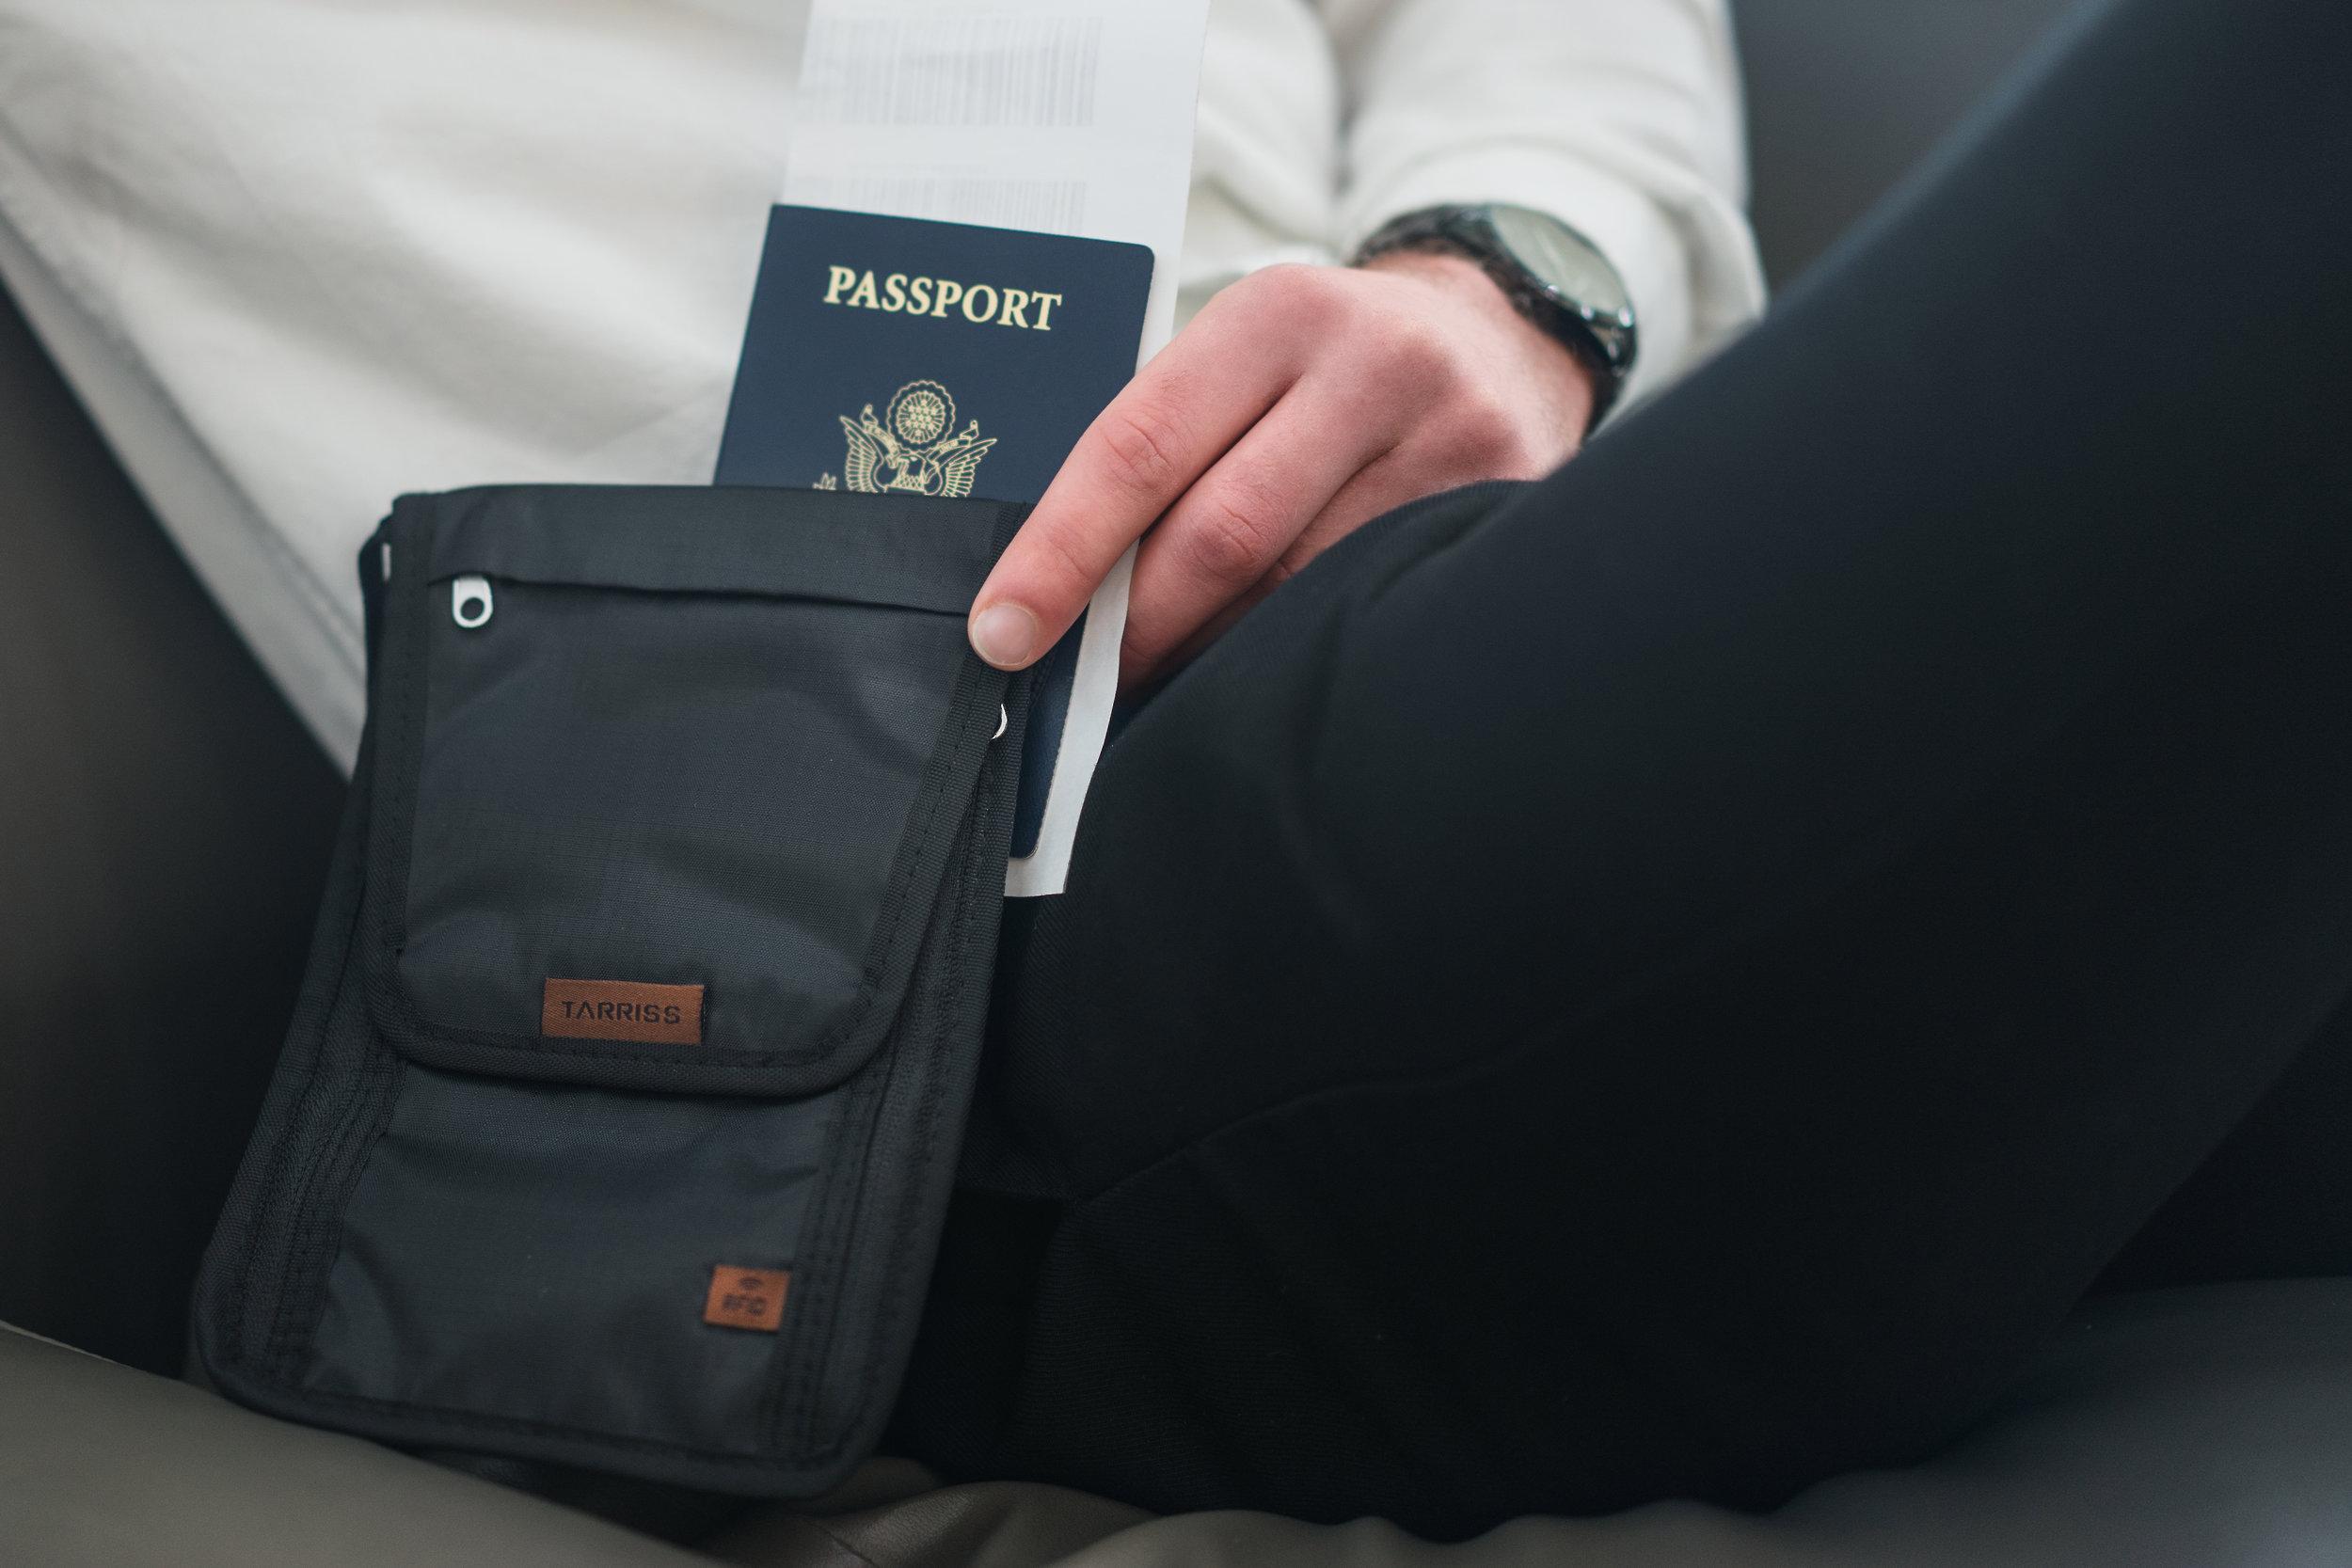 RFID-Passport-Holder-Lifestyle5-fullsize.jpg